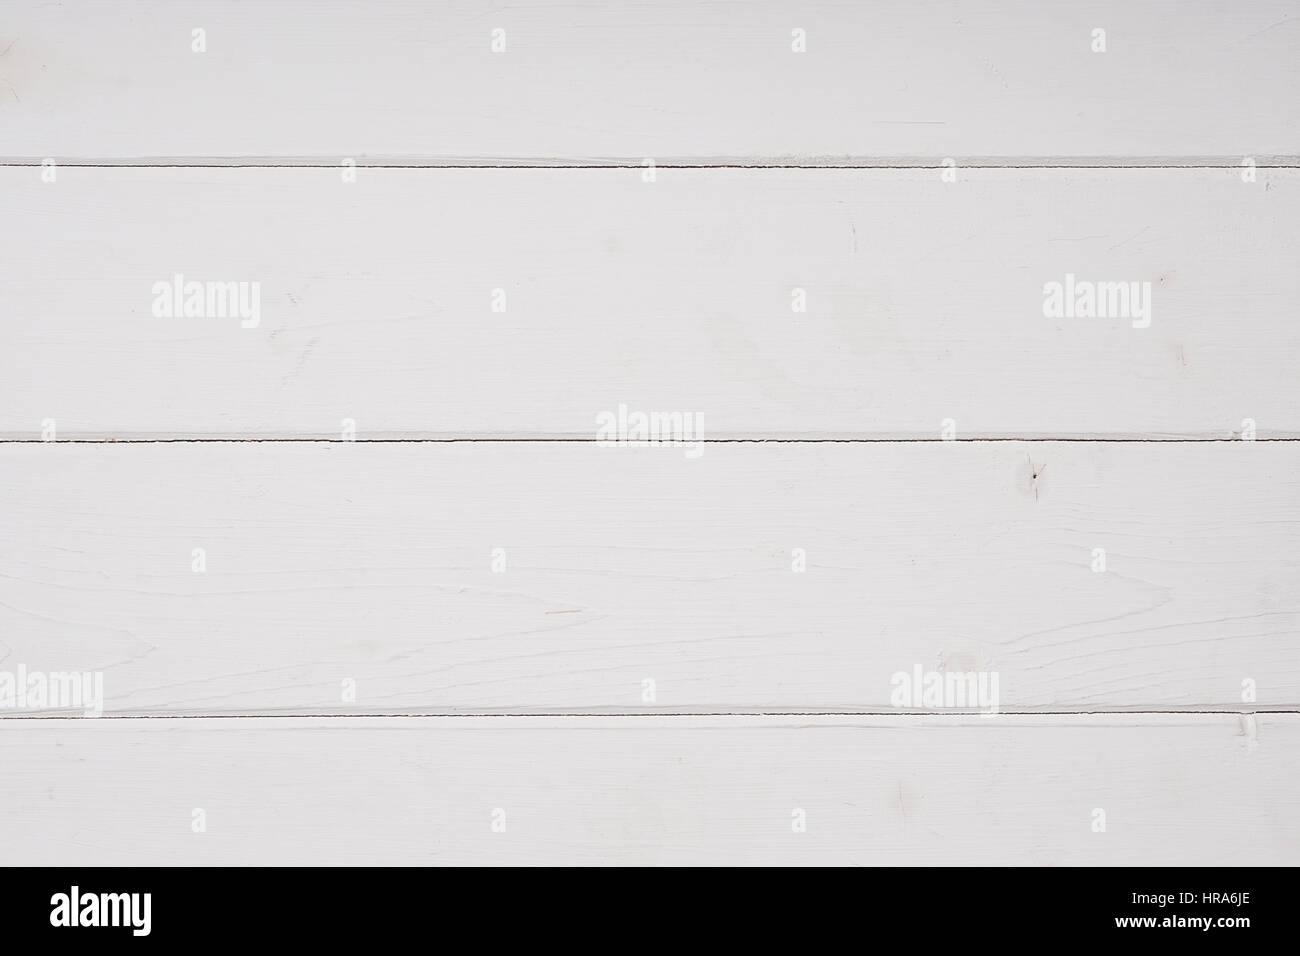 Legno Bianco Texture : Legno bianco texture di sfondo foto immagine stock